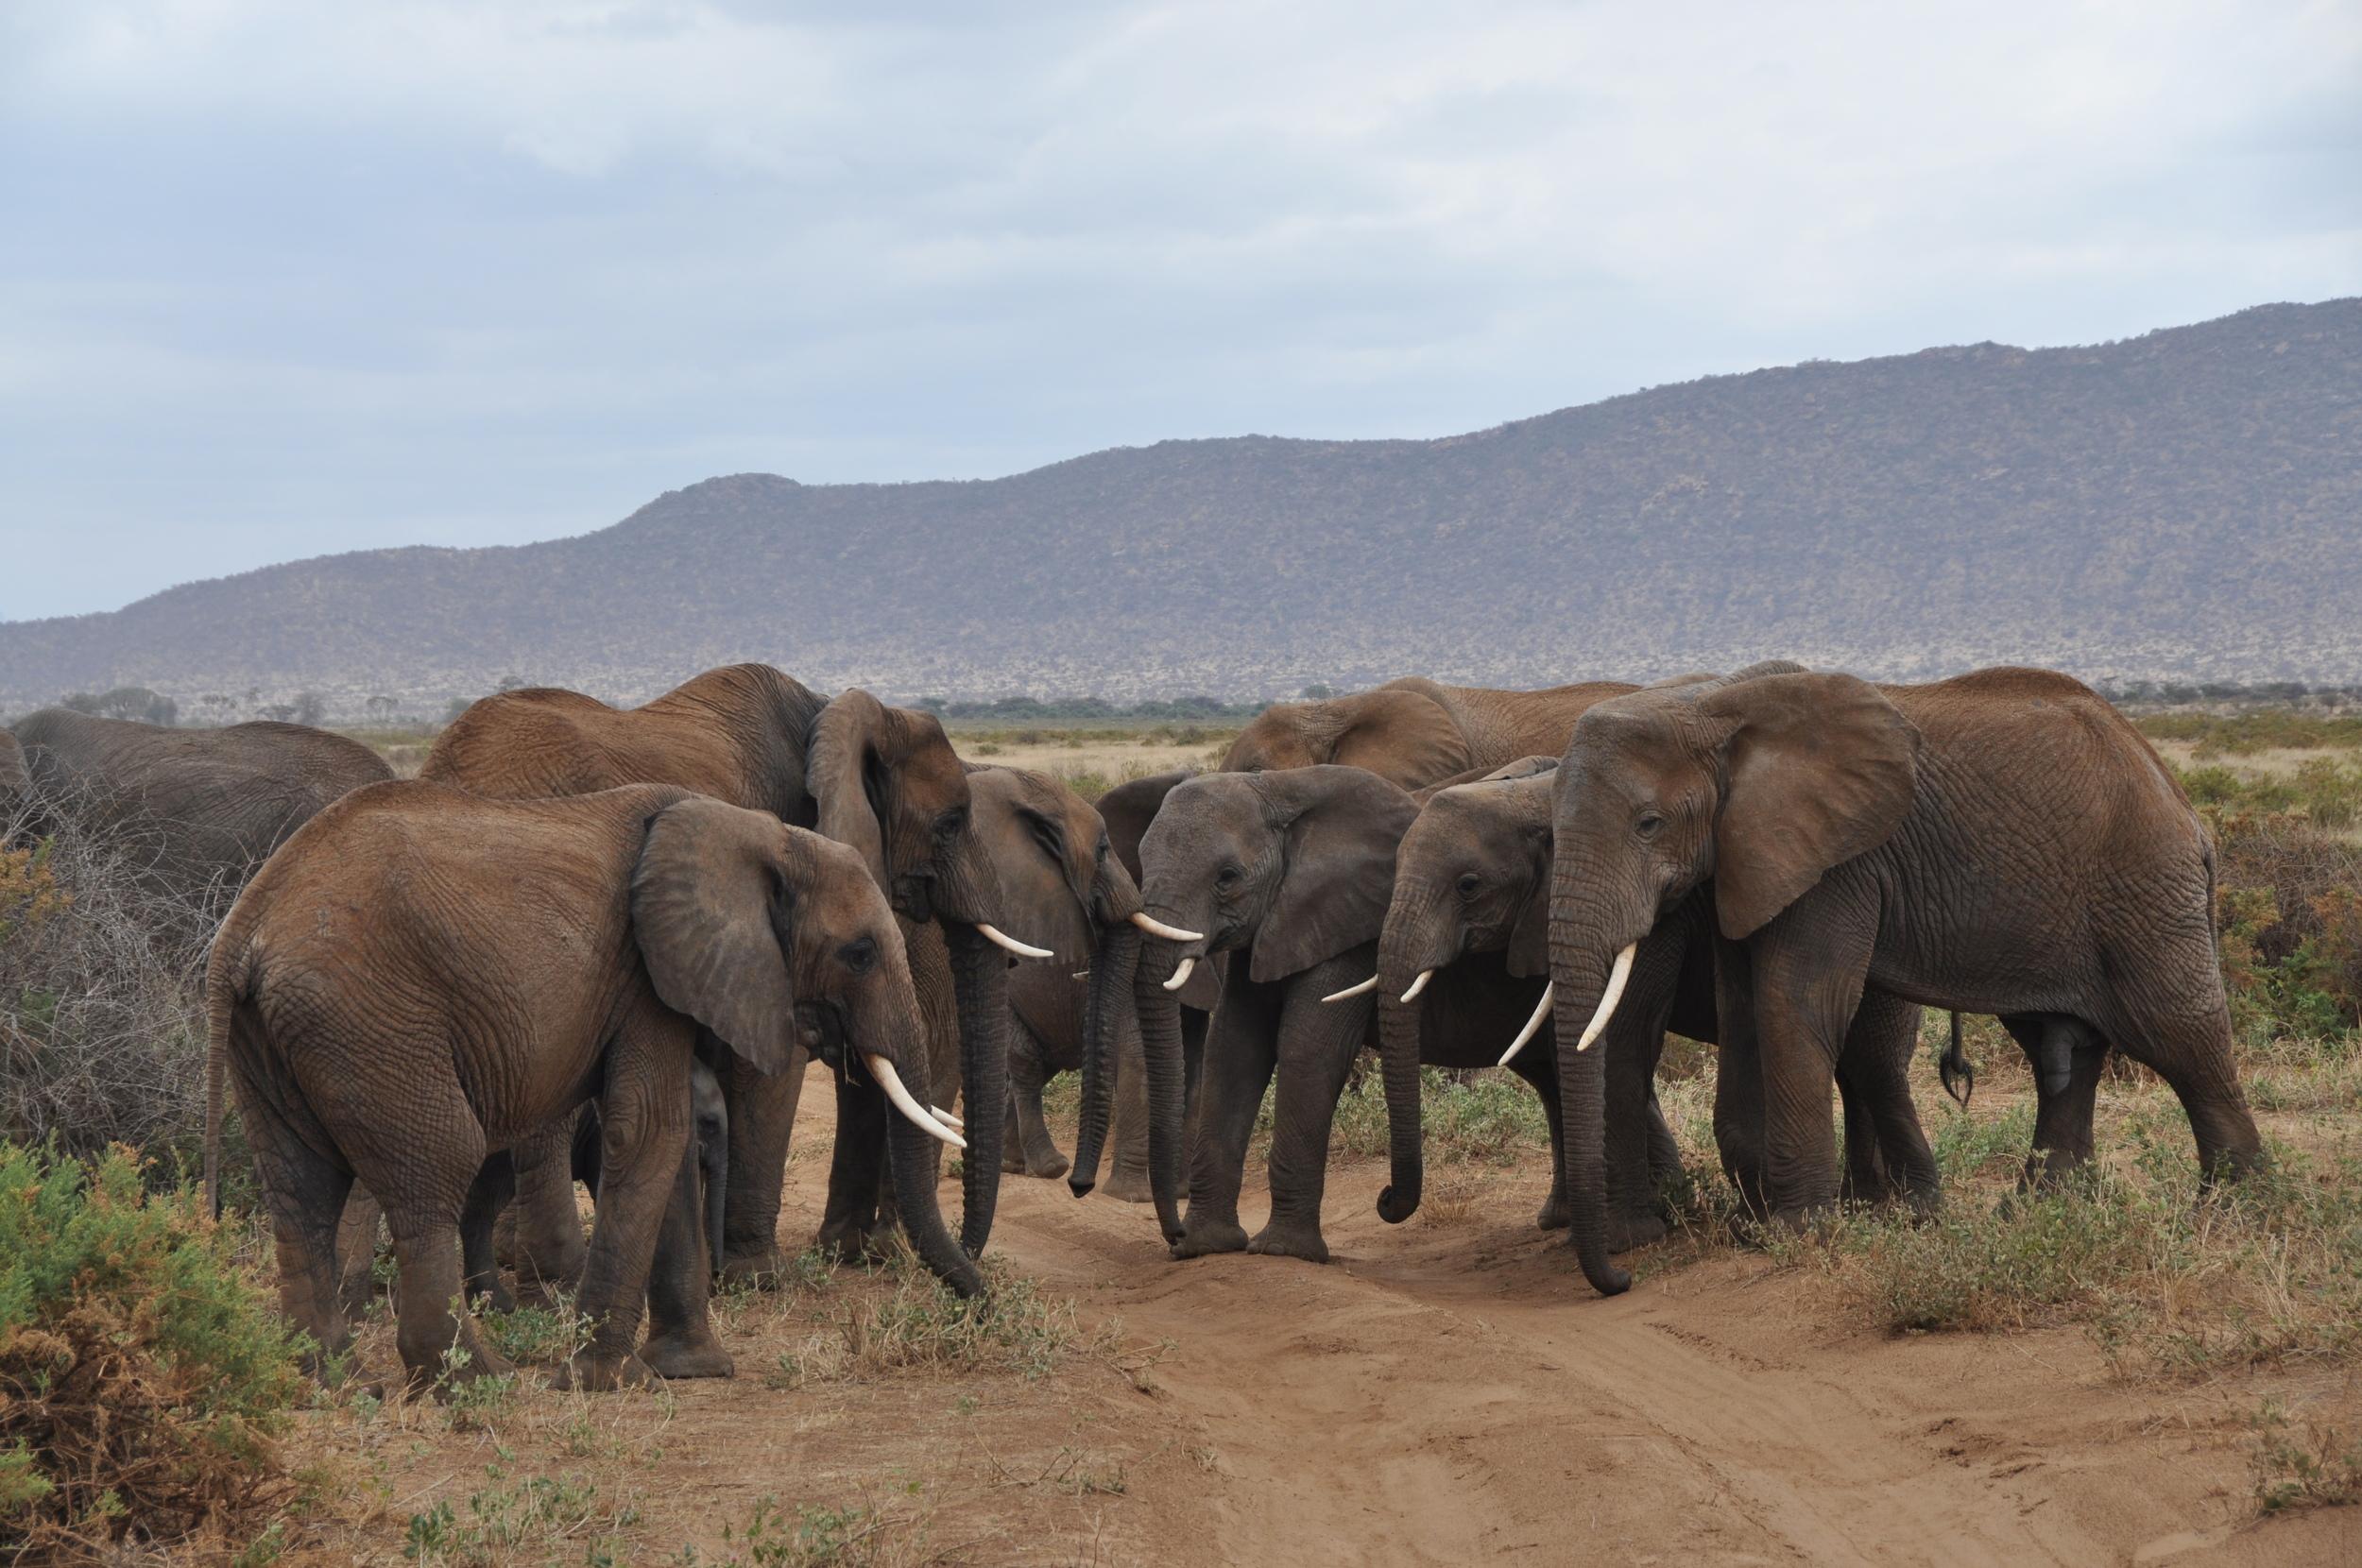 Big Five Elephants Maasai Mara, Kenya, Africa